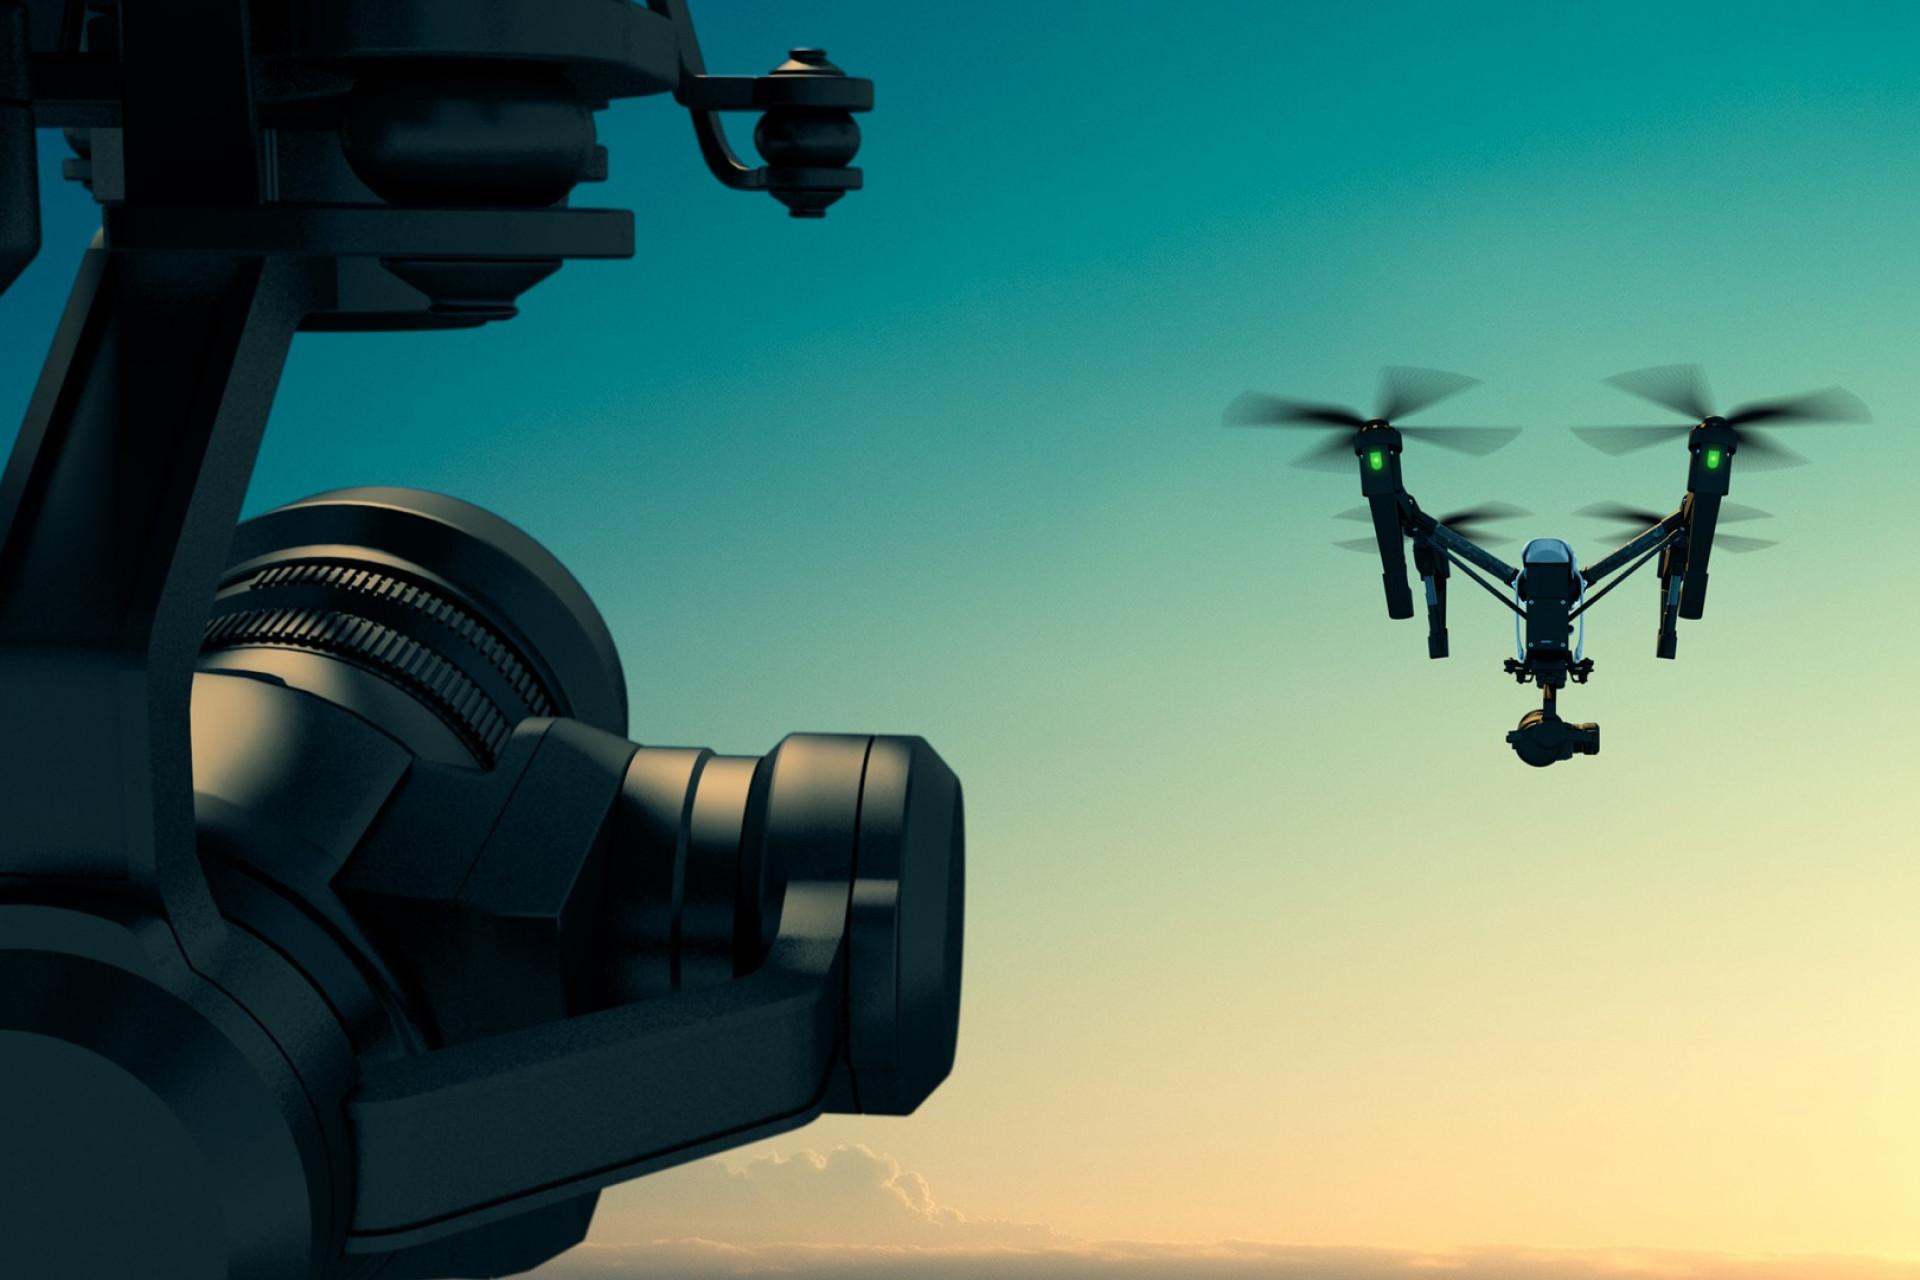 Bezzałogowe samoloty pozwalają na uzyskanie widoku z góry elementów trudno dostępnych bez konieczności montowania rusztowań. (fot. pixabay.com)